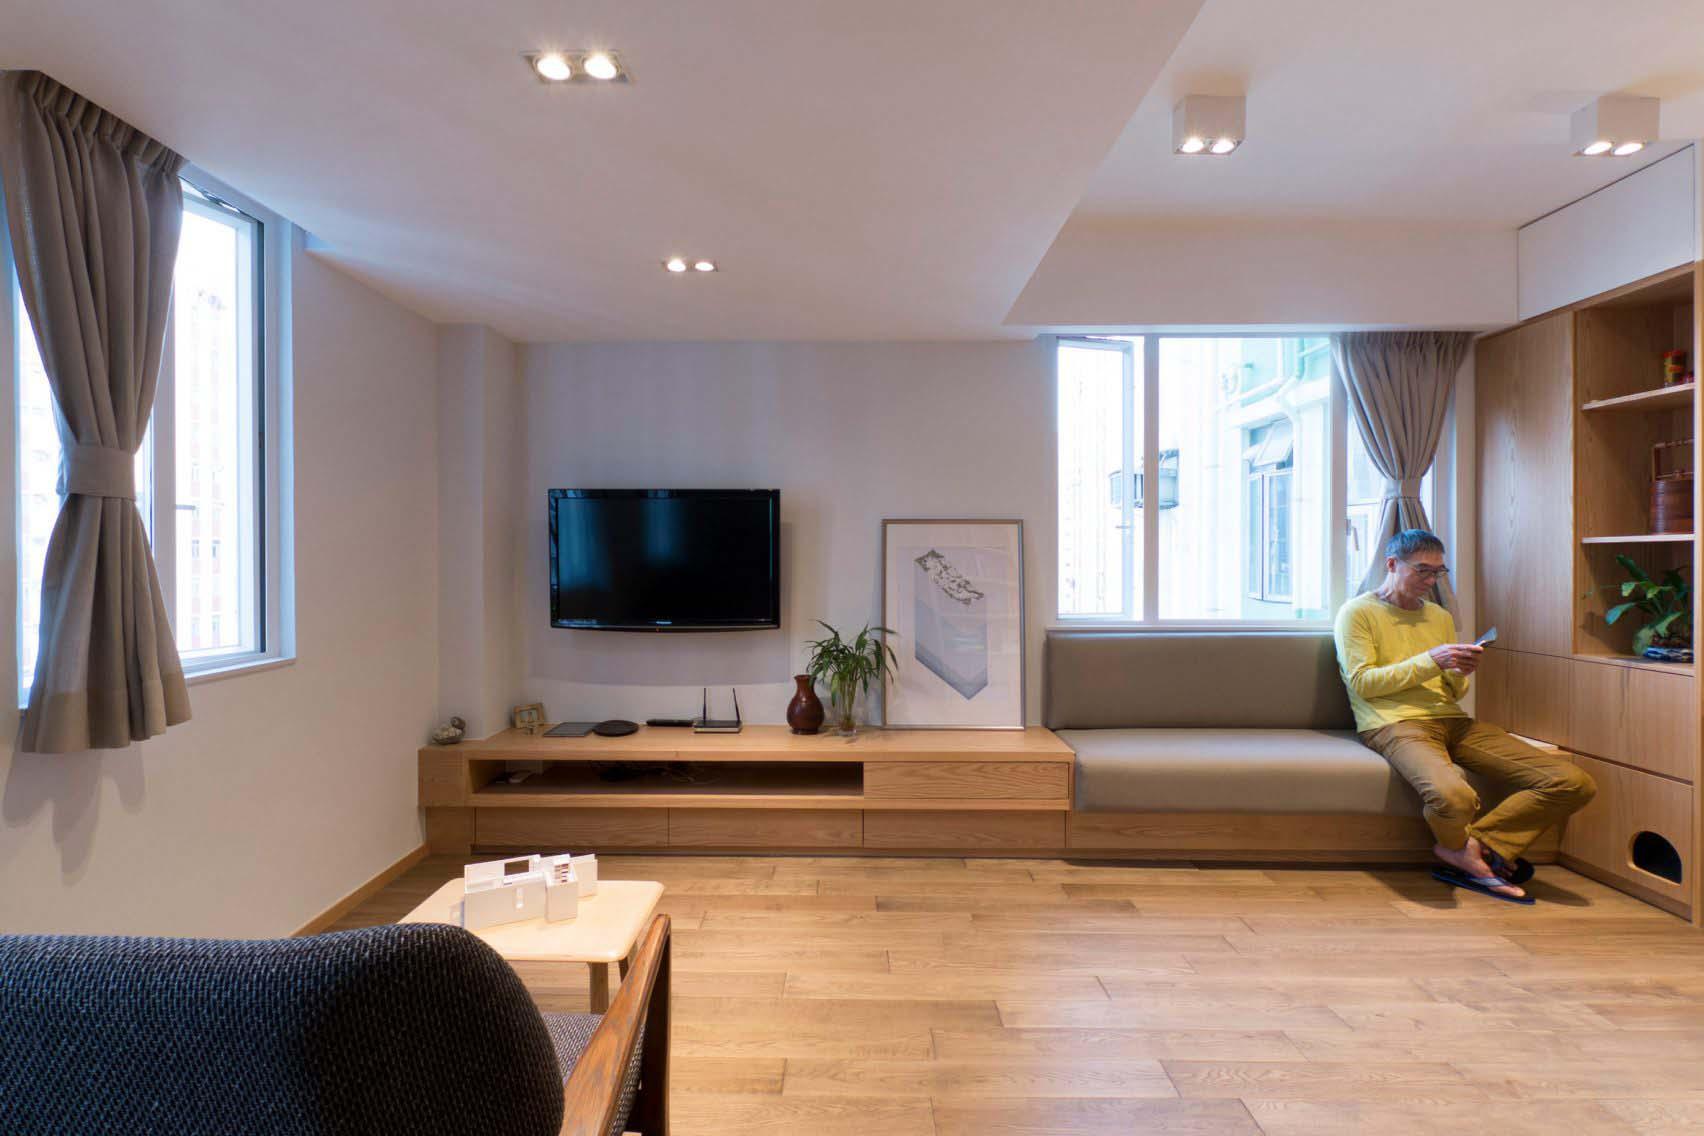 Thiết kế siêu thông minh biến căn nhà nhỏ trở nên rộng rãi hơn hẳn - 6